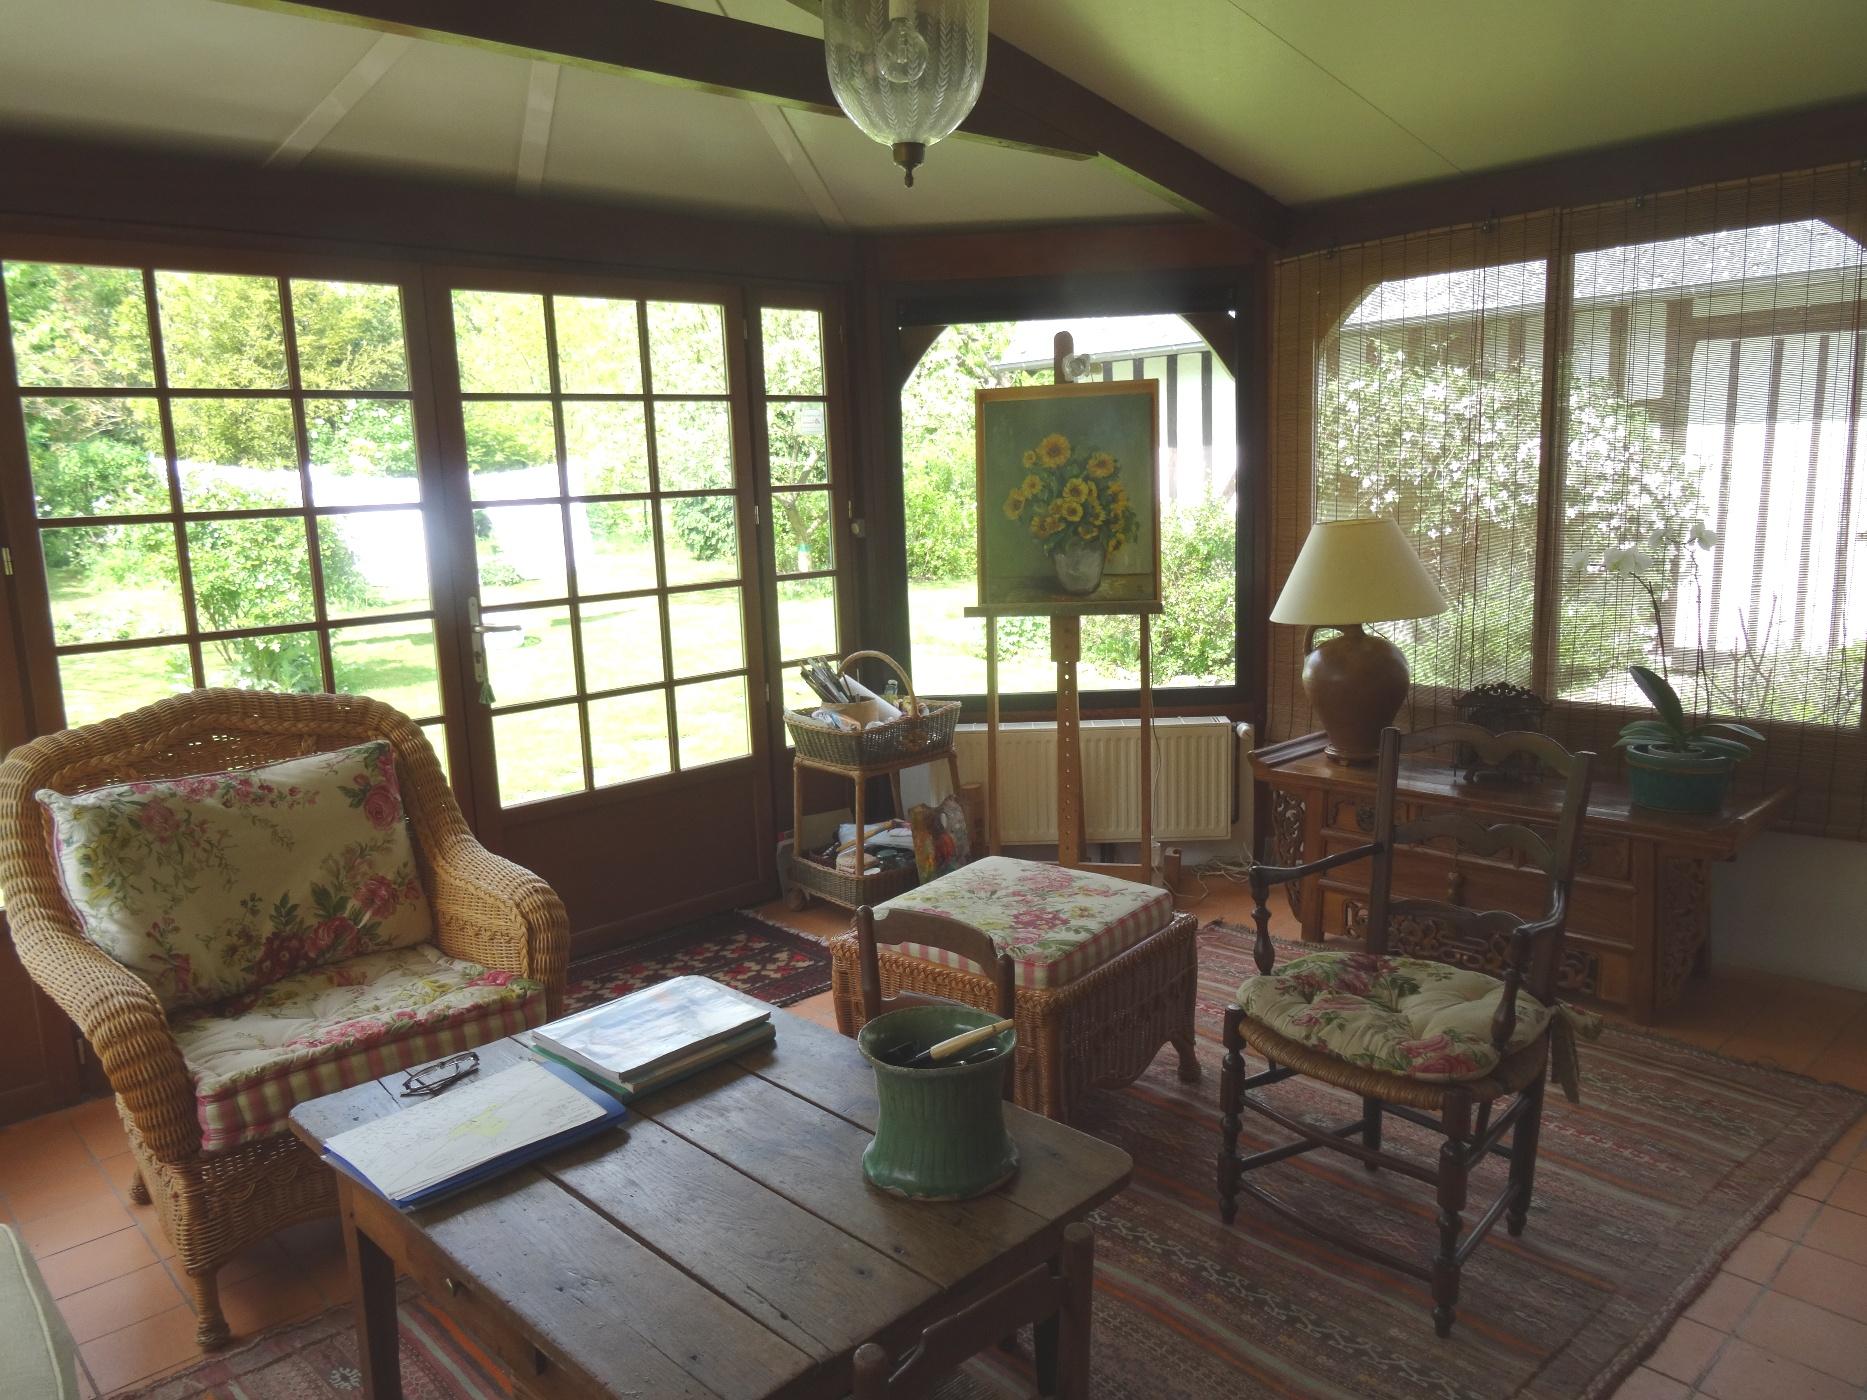 acheter maison normande de charme vendre proche du pont de brotonne axe caudebec en caux bourg. Black Bedroom Furniture Sets. Home Design Ideas